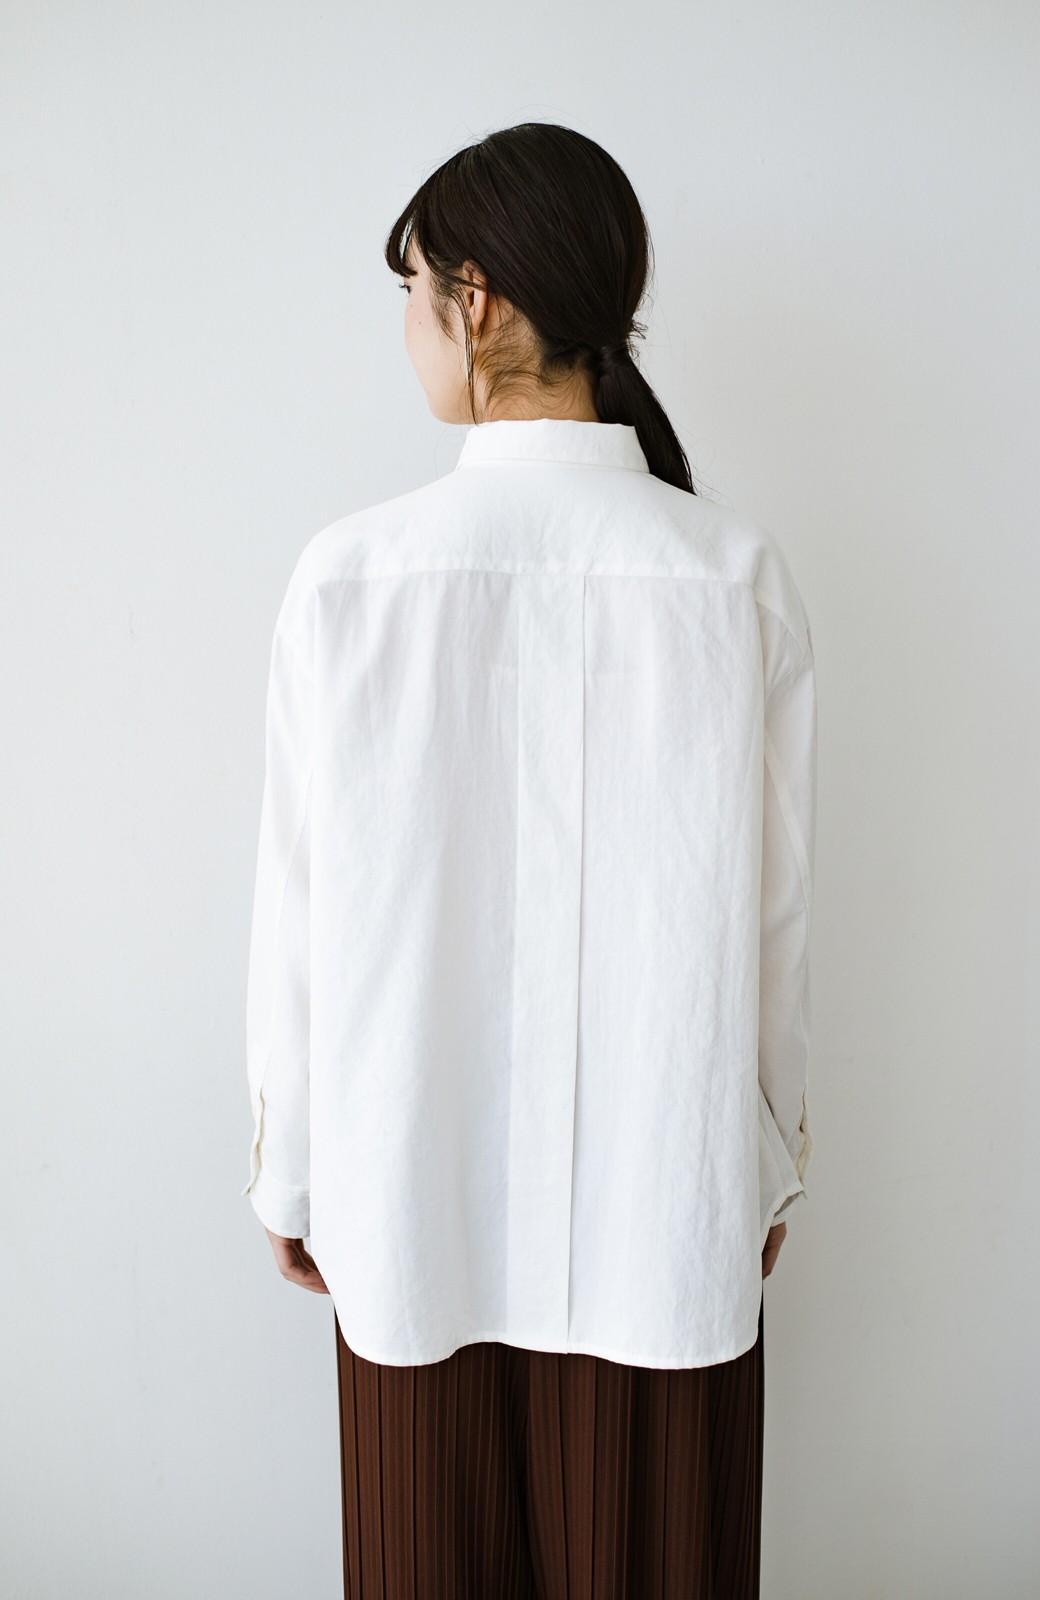 haco! ニットとのこなれた重ね着が簡単にできる!なめらか素材でつくった大人のためのシンプルシャツ <ホワイト>の商品写真21